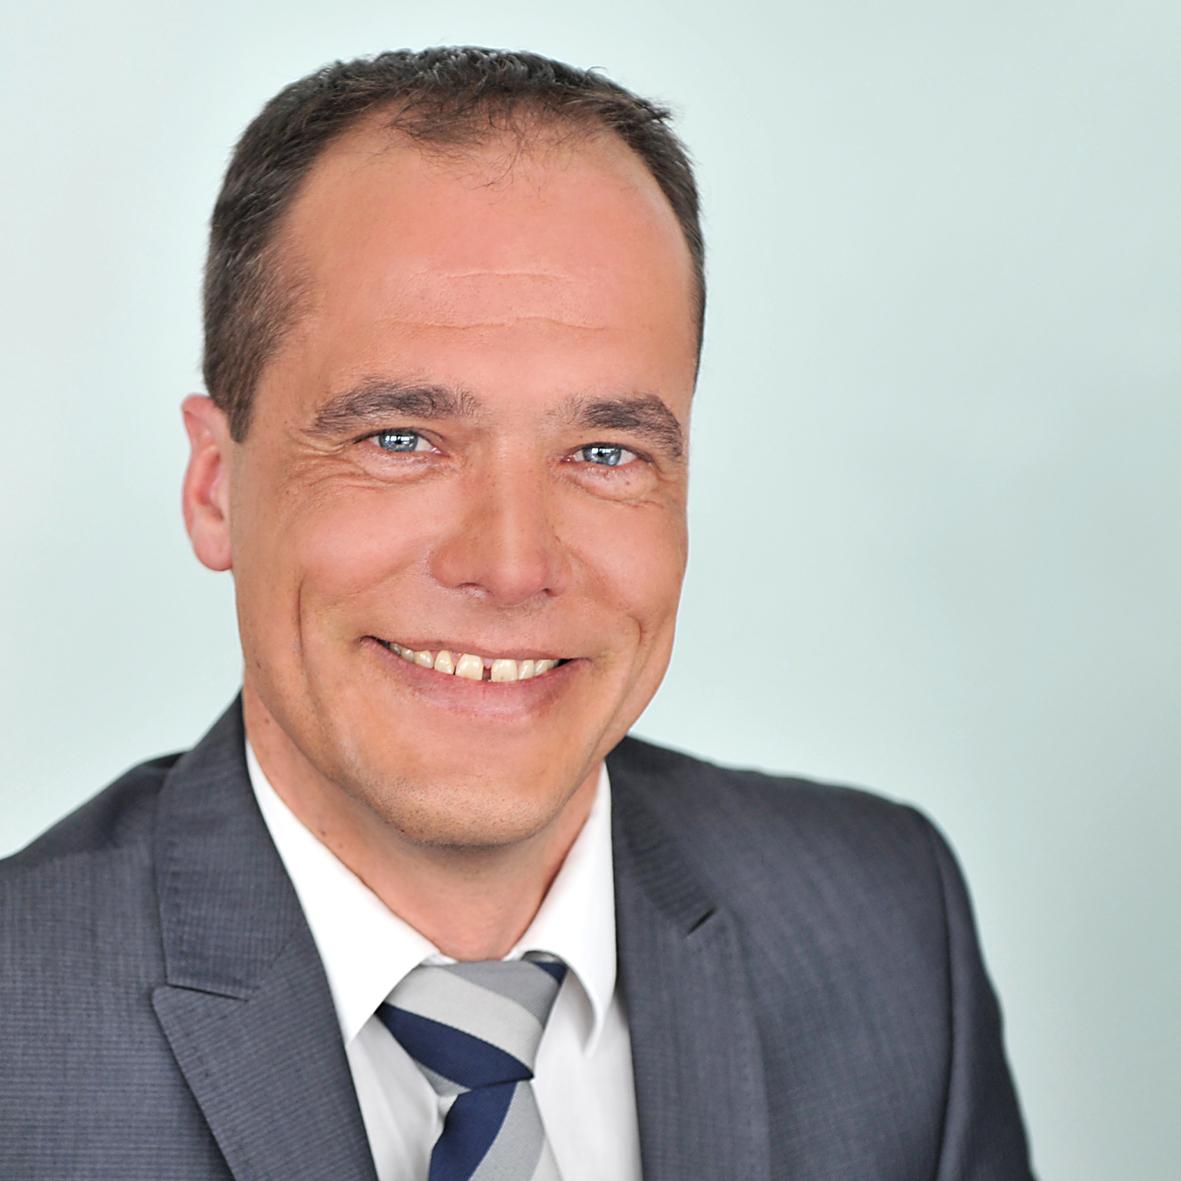 Portrait of Stefan Czerwinski